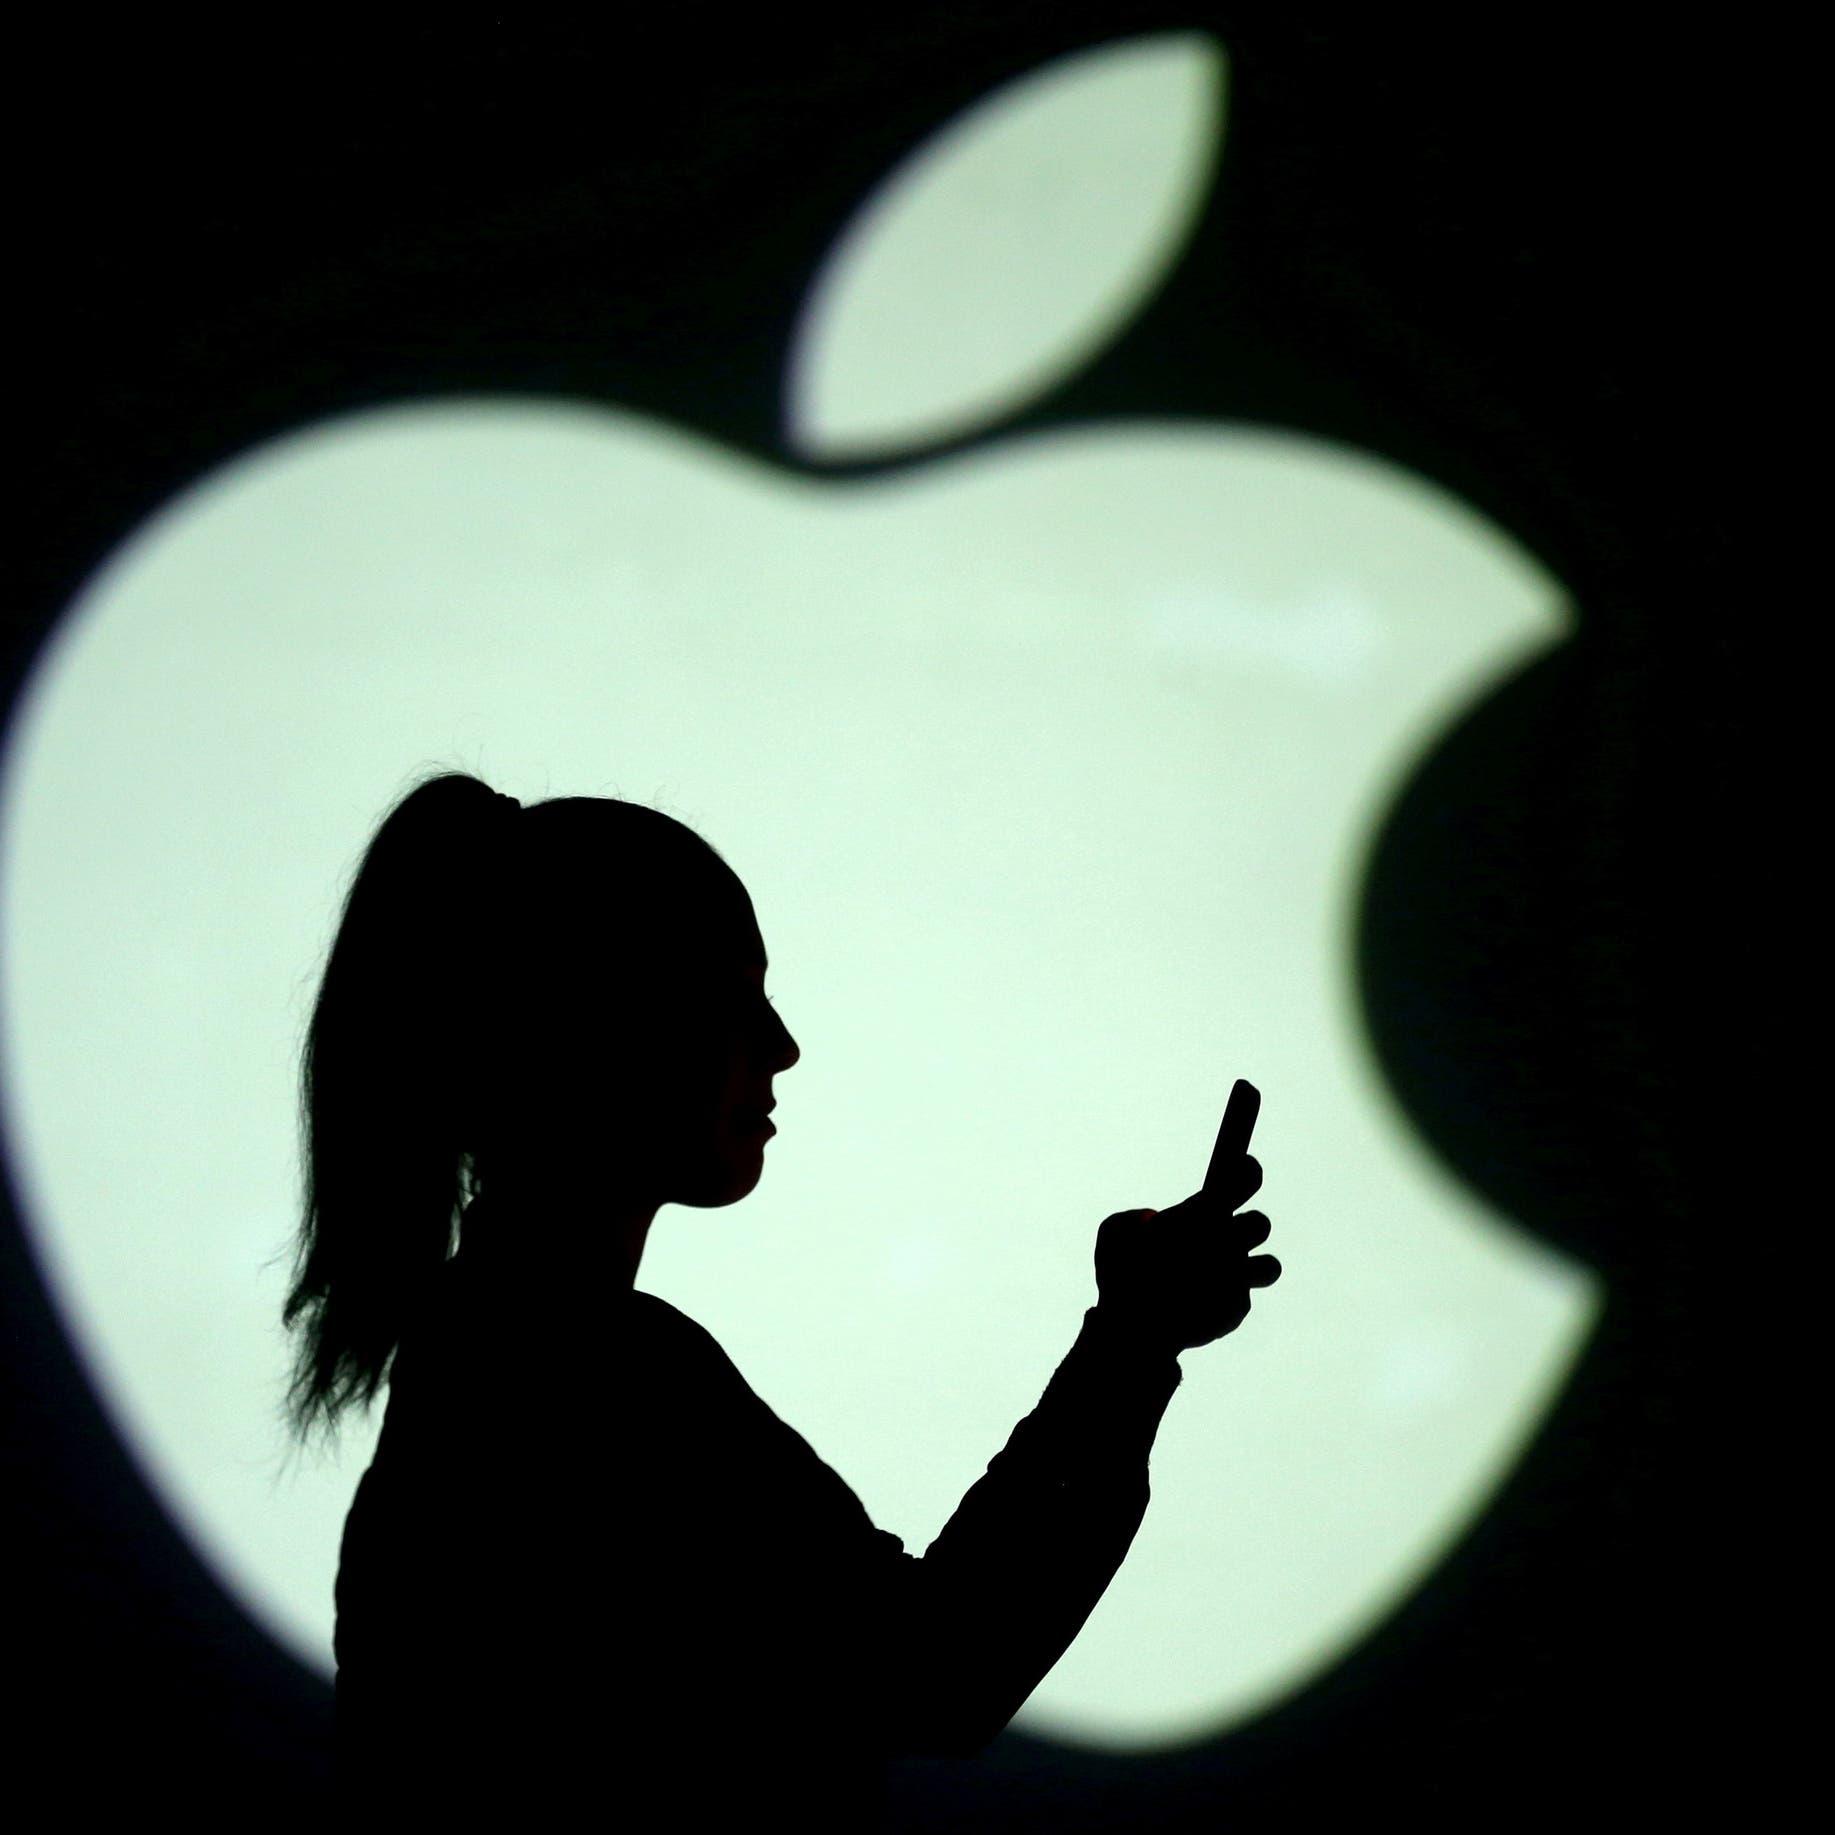 تغريم أبل 300 مليون دولار بسبب ميزة في هواتف آيفون